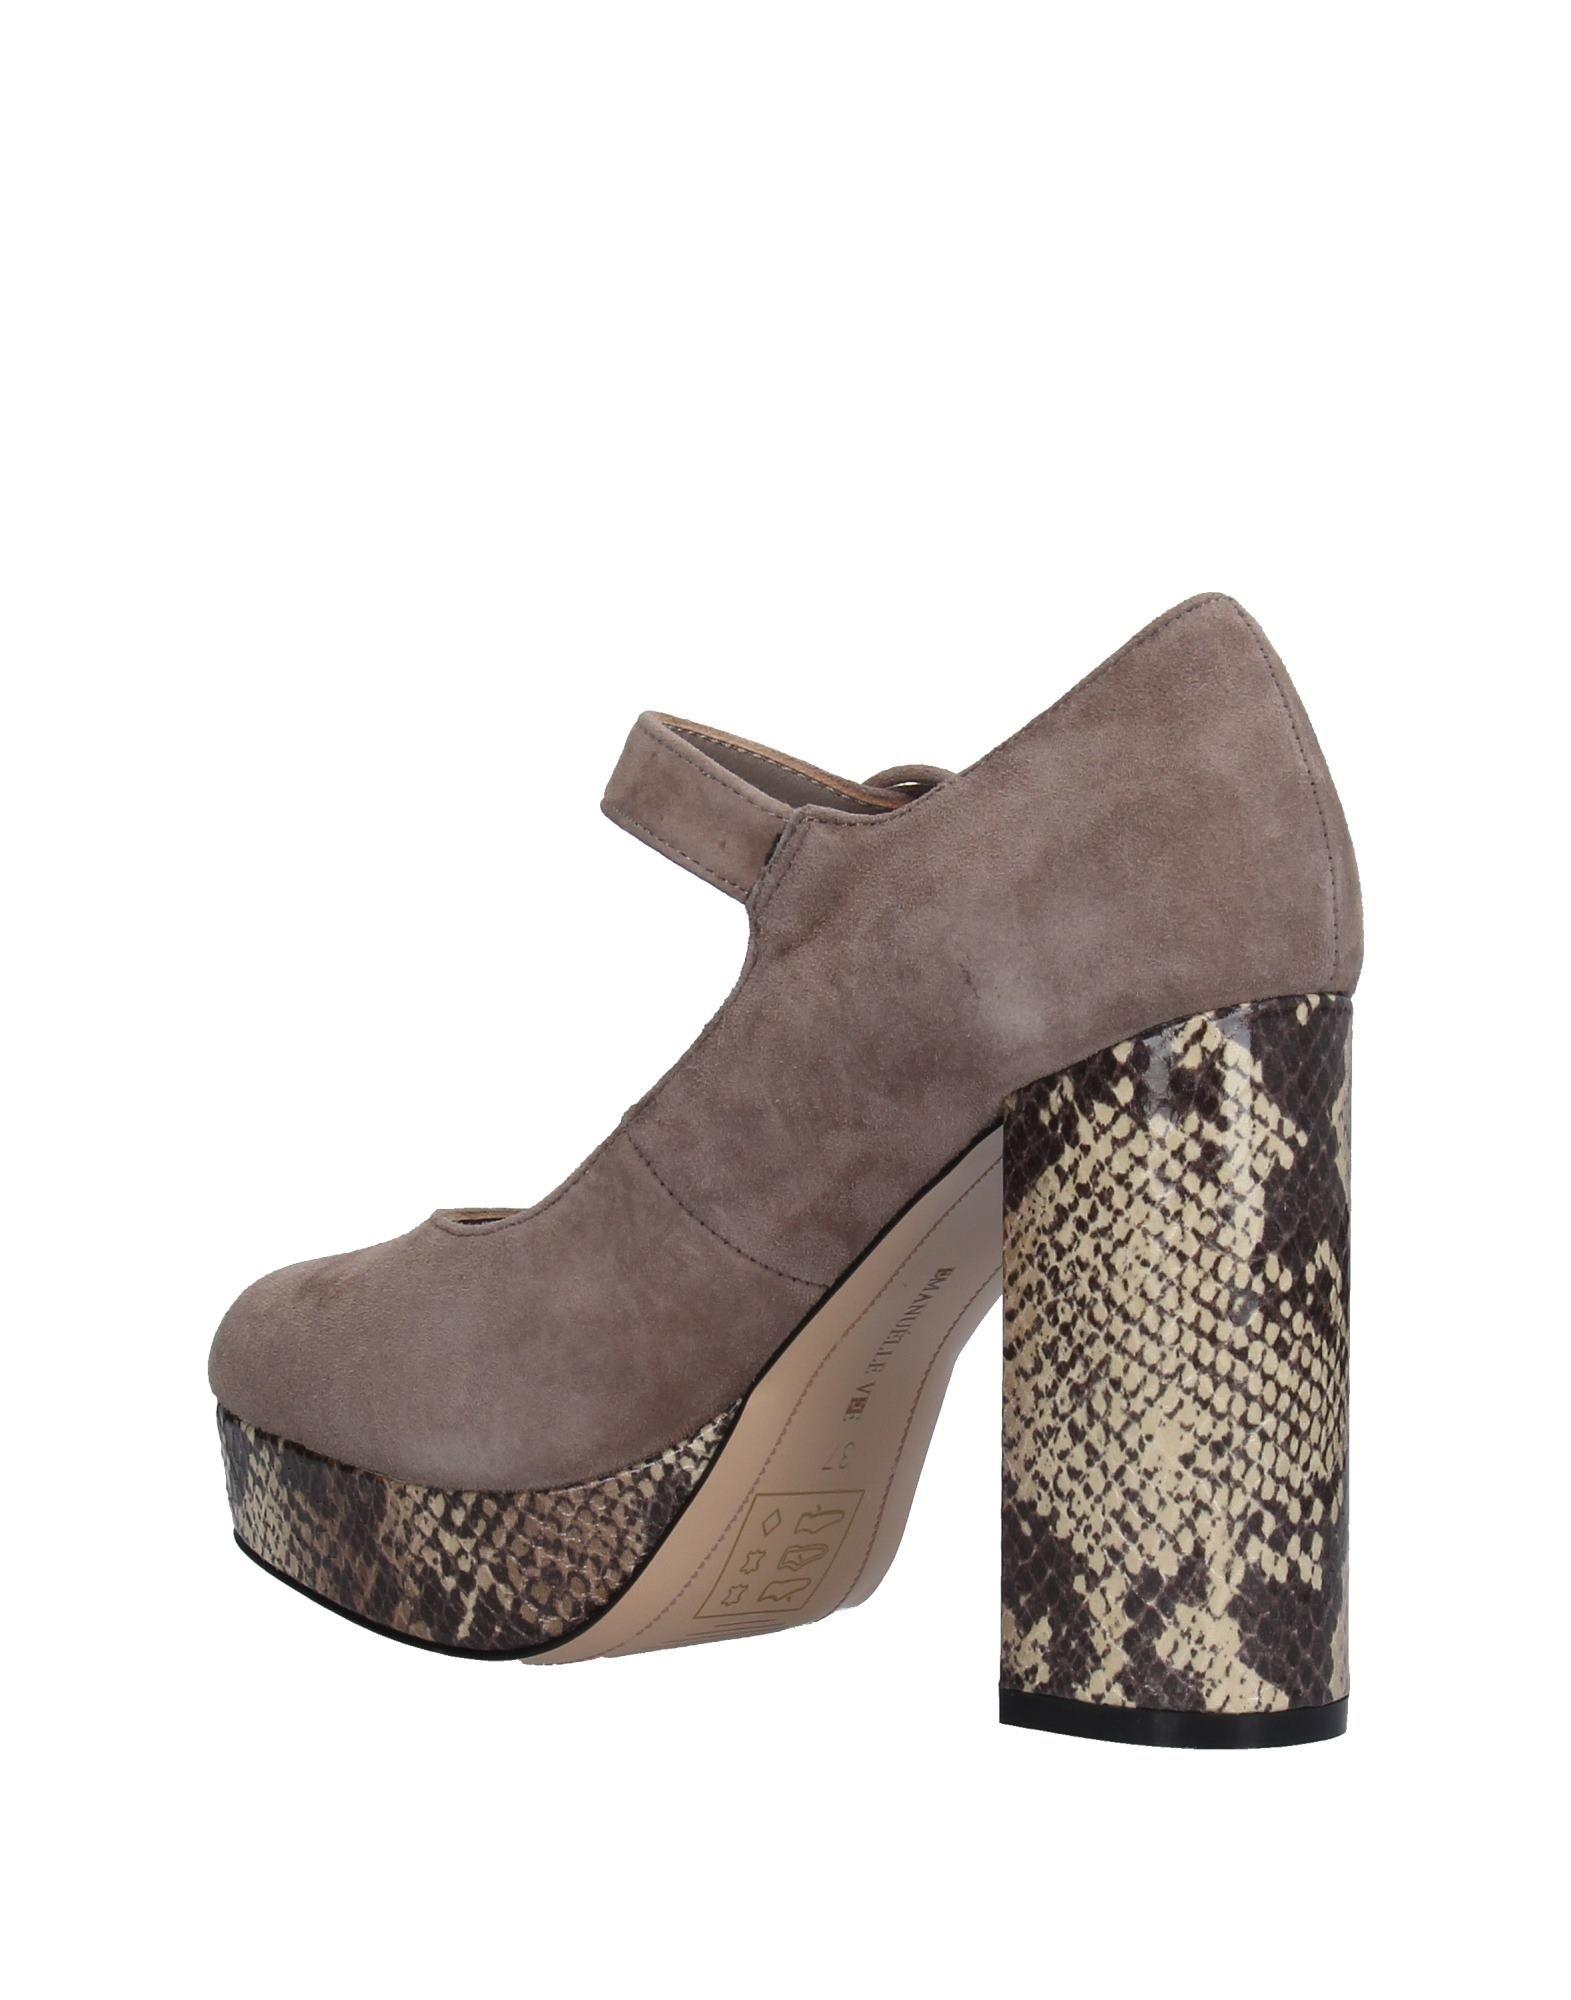 Emanuélle Vee Pumps Damen  Schuhe 11228554PE Gute Qualität beliebte Schuhe  62ee6b